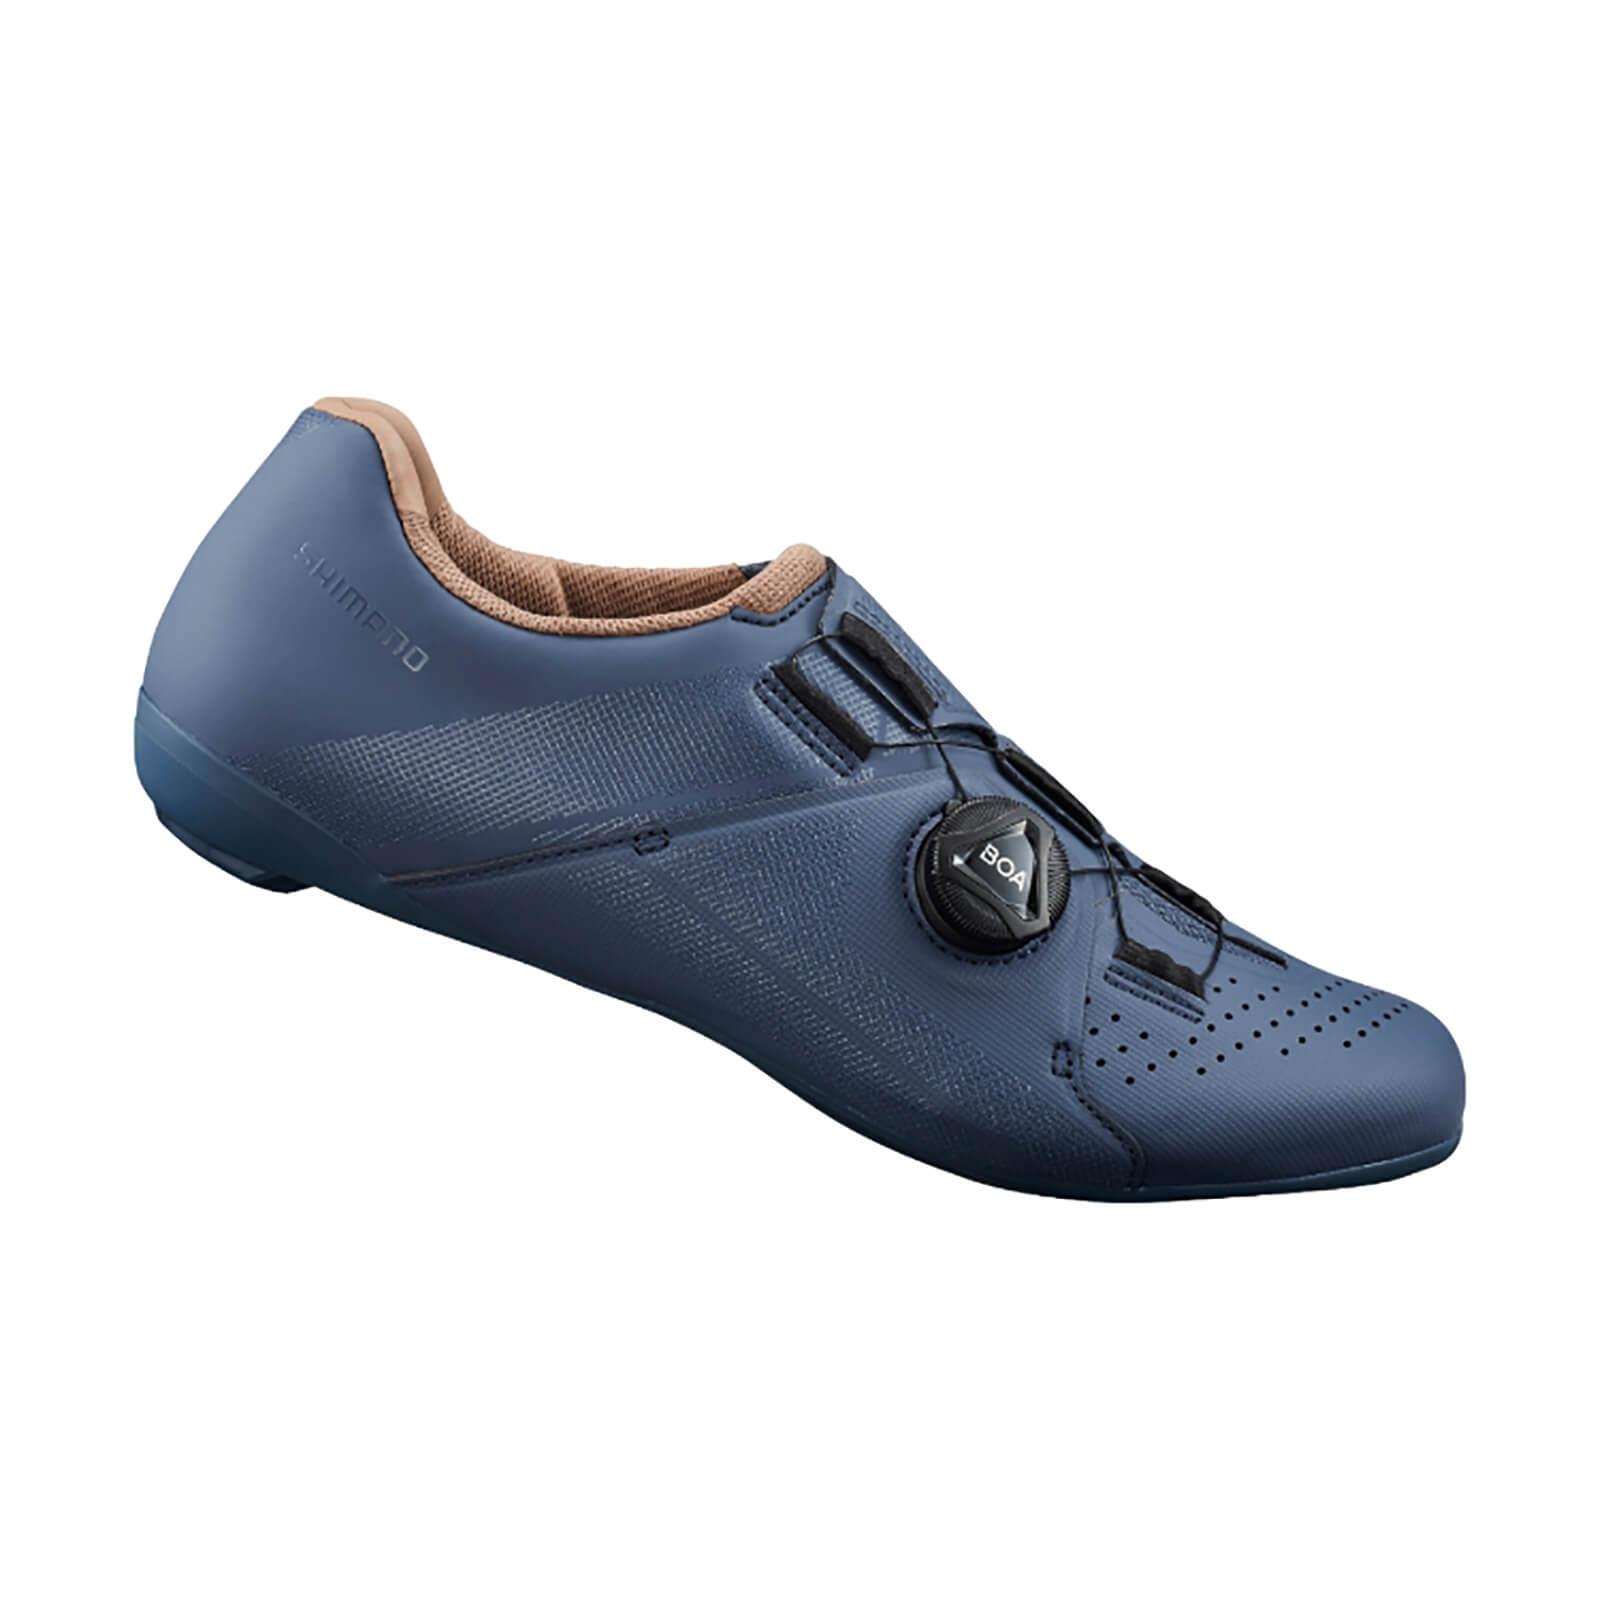 Shimano Women's SH-RC300W Road Shoes - EU 37 - Indigo Blue